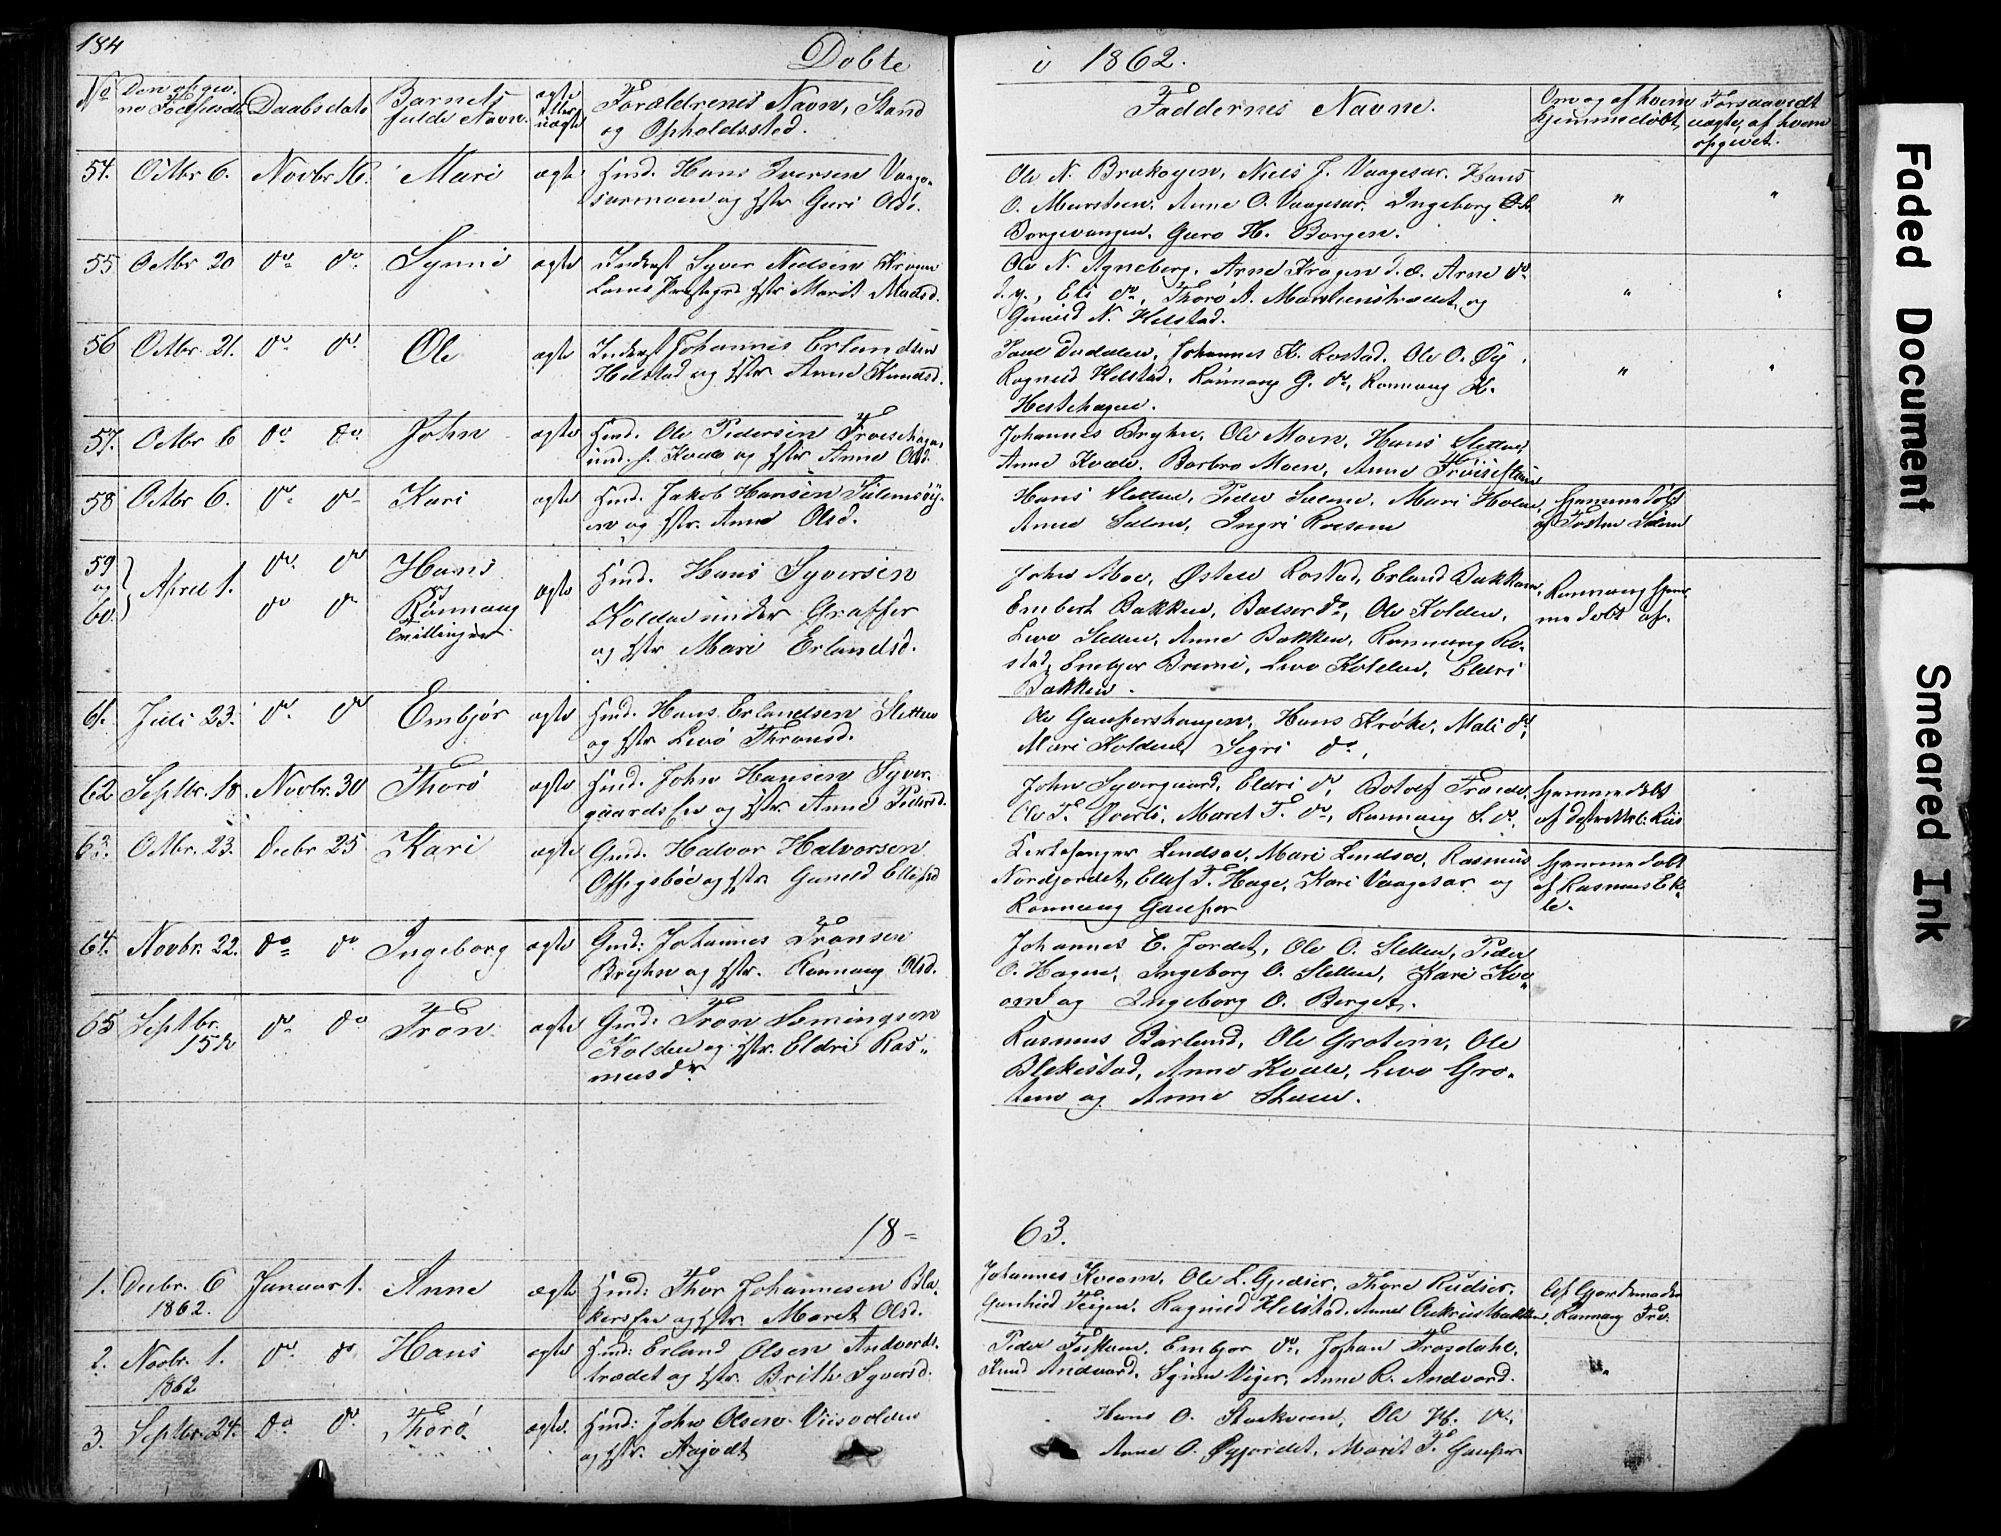 SAH, Lom prestekontor, L/L0012: Klokkerbok nr. 12, 1845-1873, s. 184-185